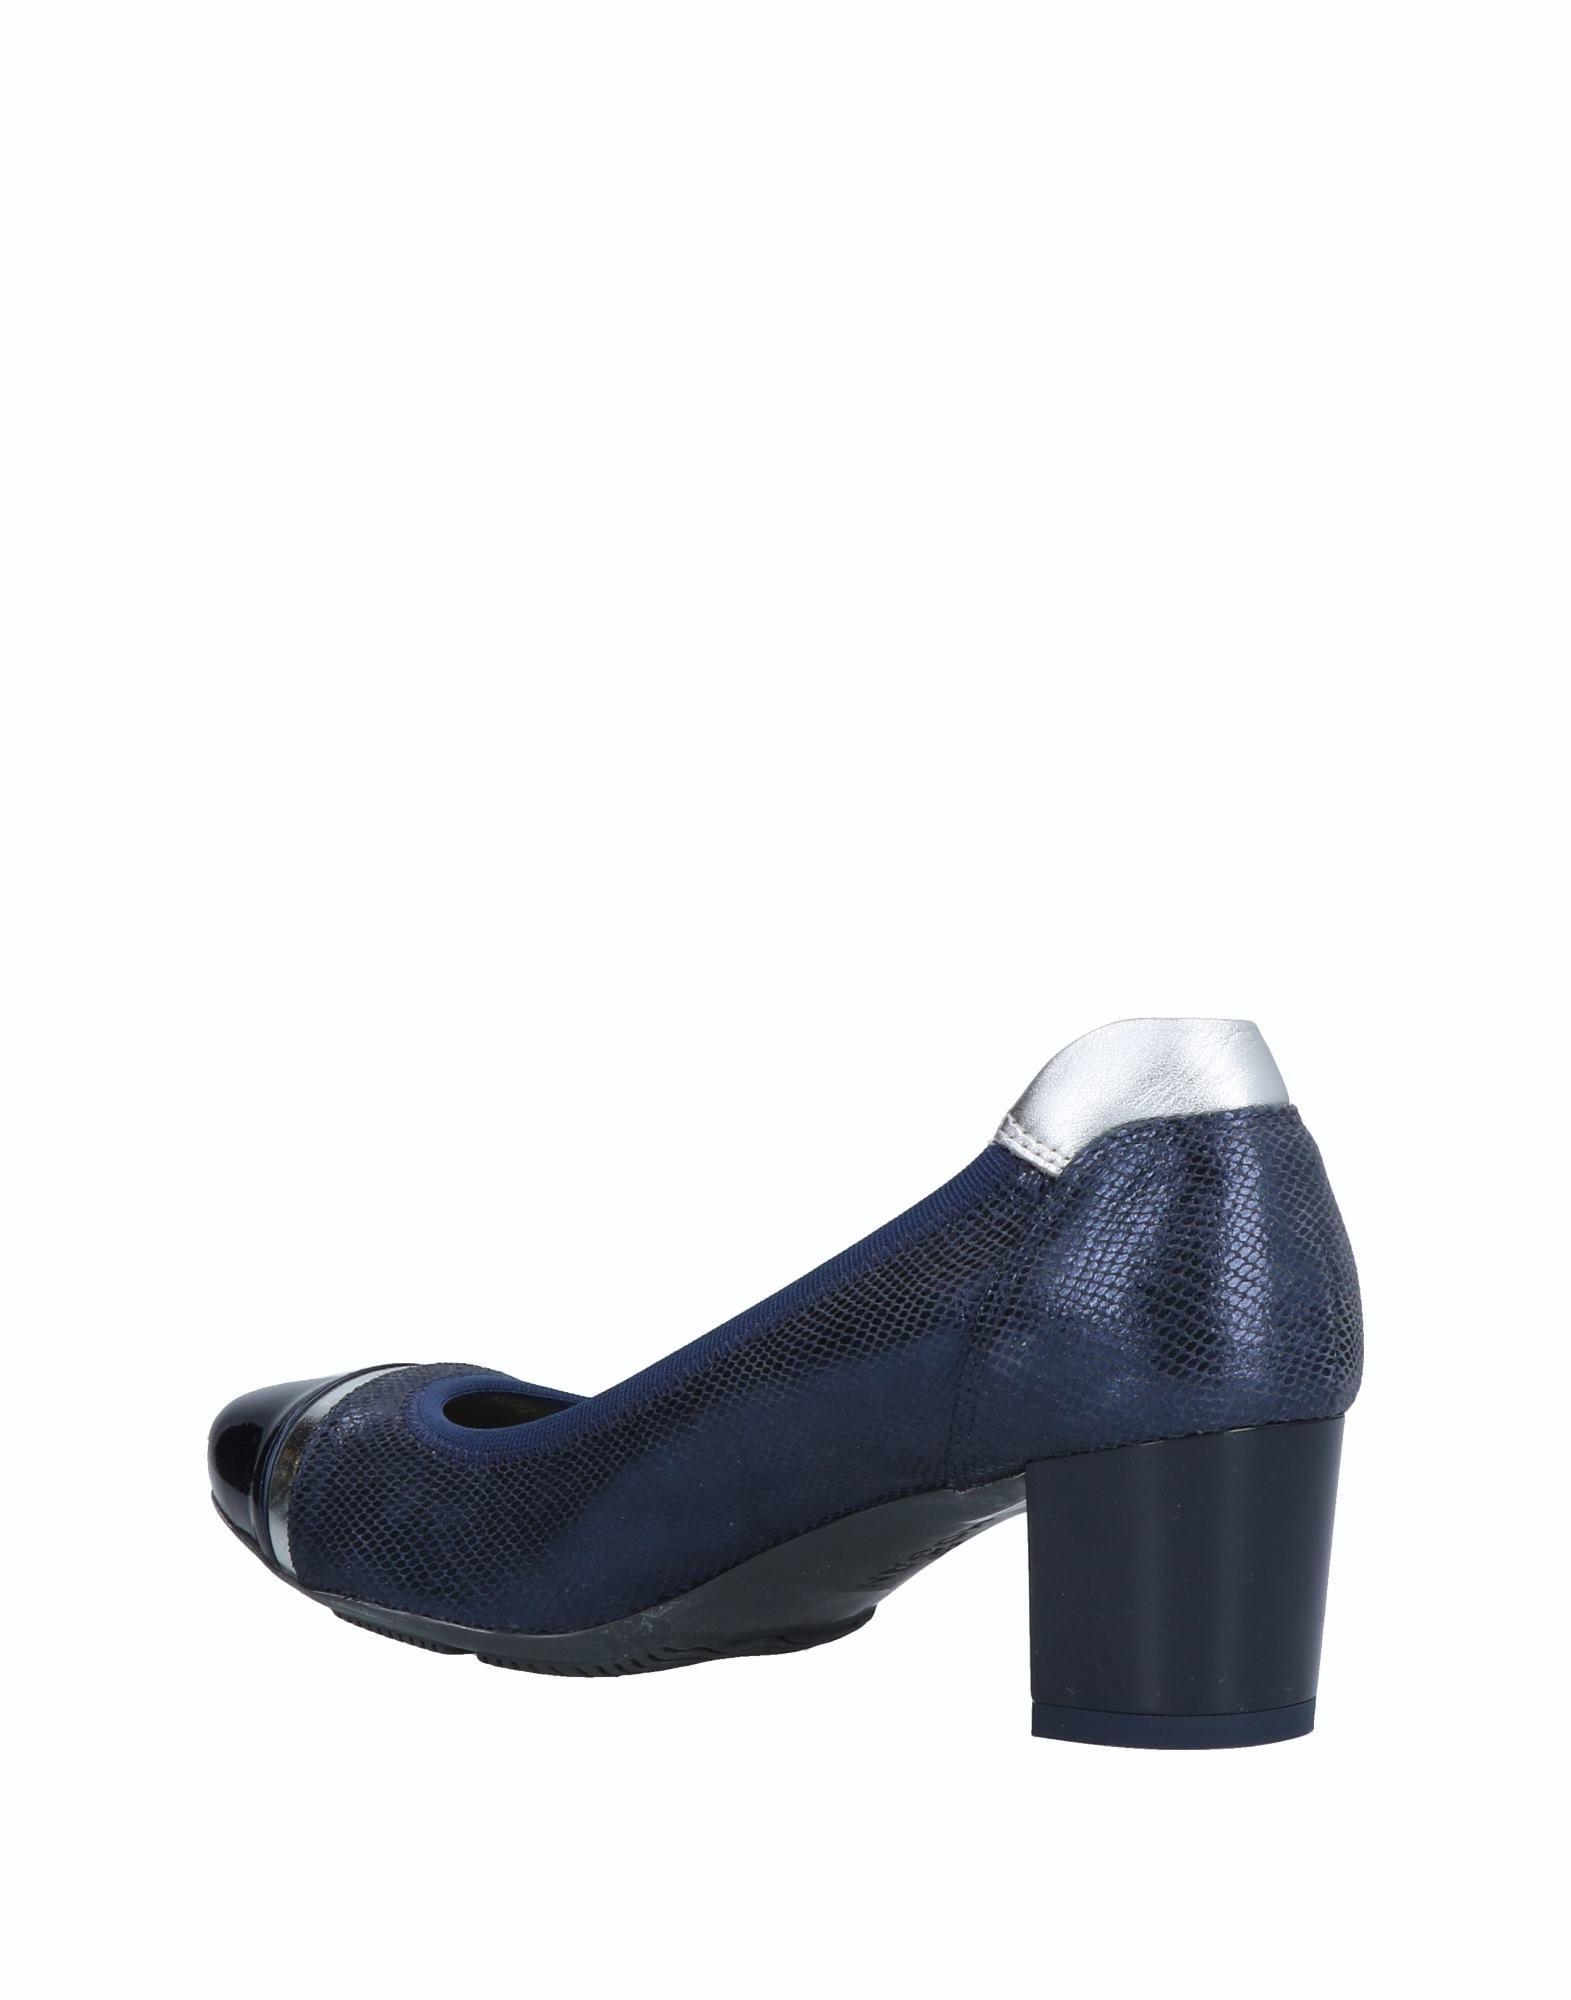 Gut um Pumps billige Schuhe zu tragenHogan Pumps um Damen  11506371VK 96e23c